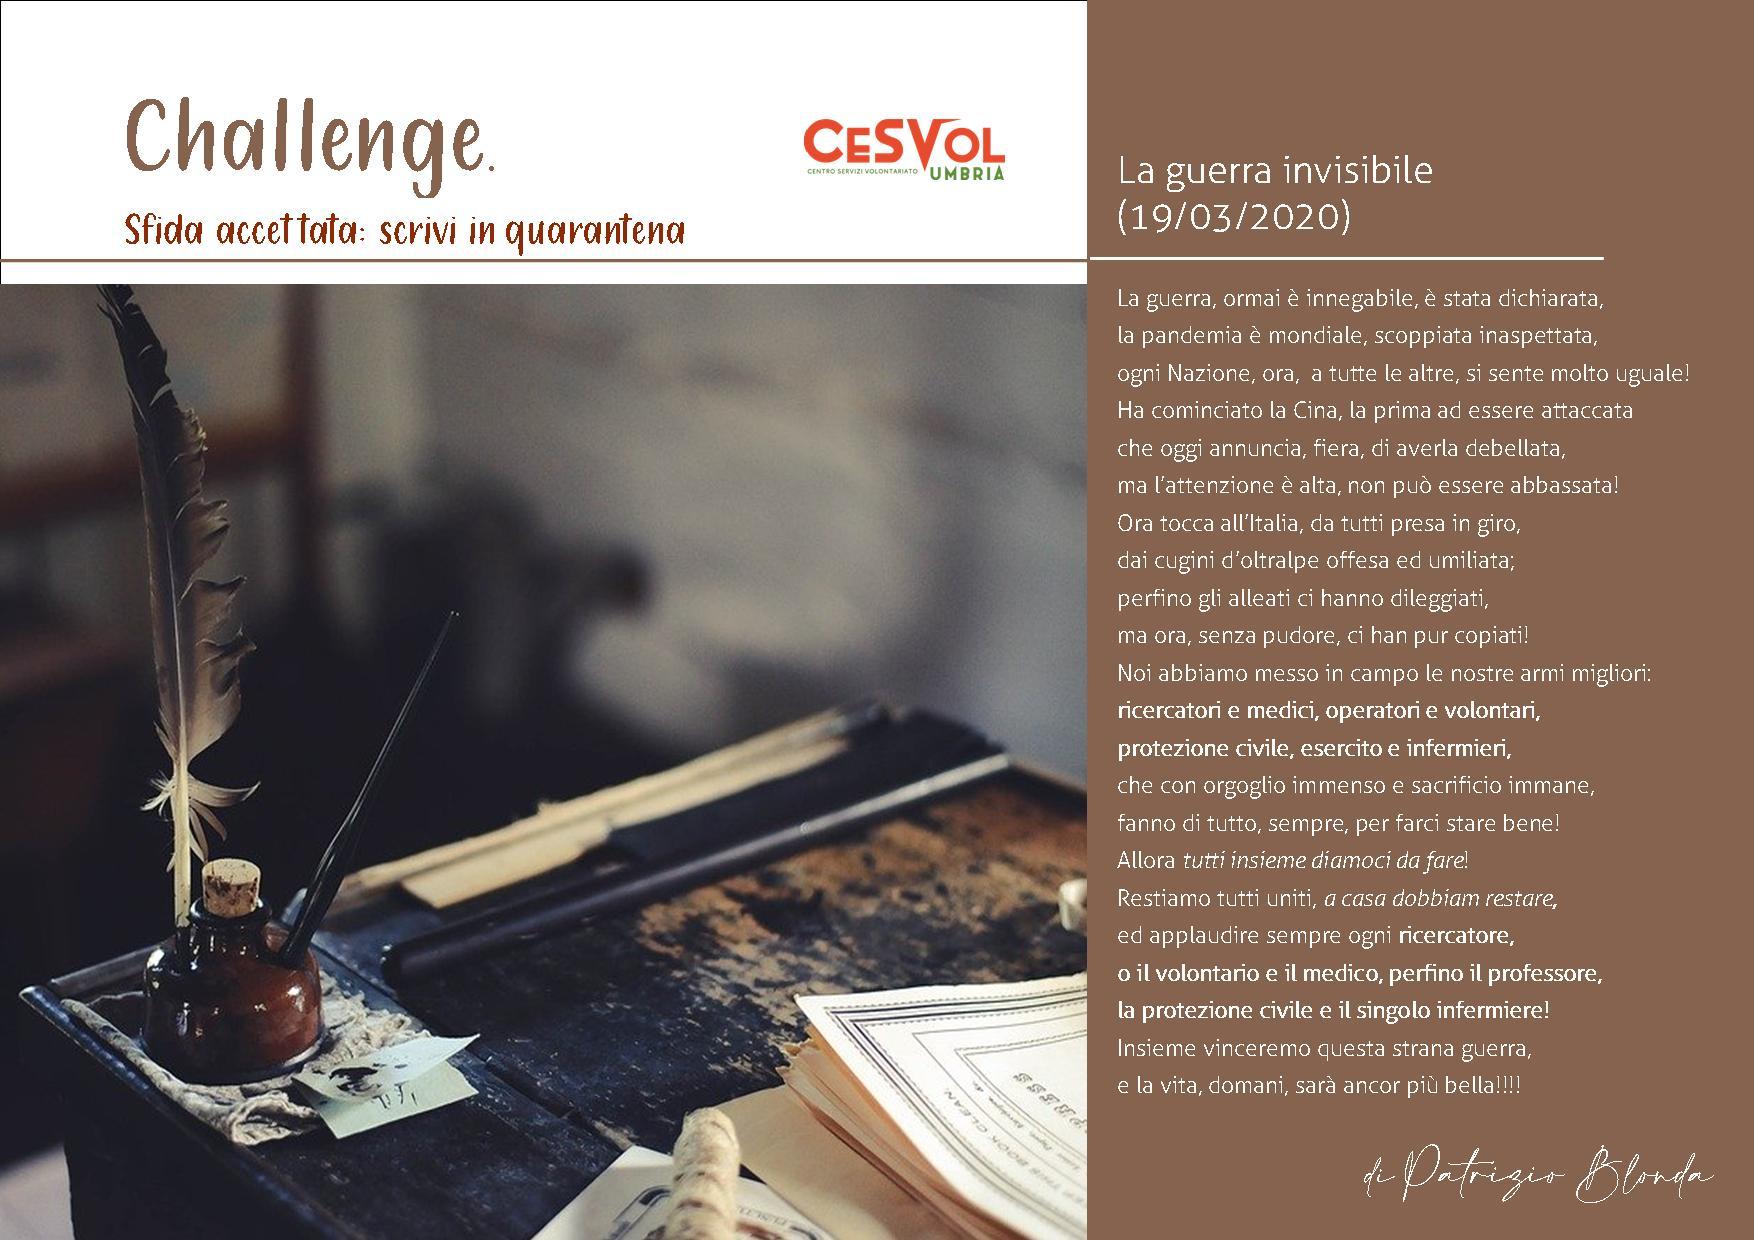 """""""Challenge sfida accettata: Scrivi in quarantena"""". I racconti ai tempi del coronavirus"""